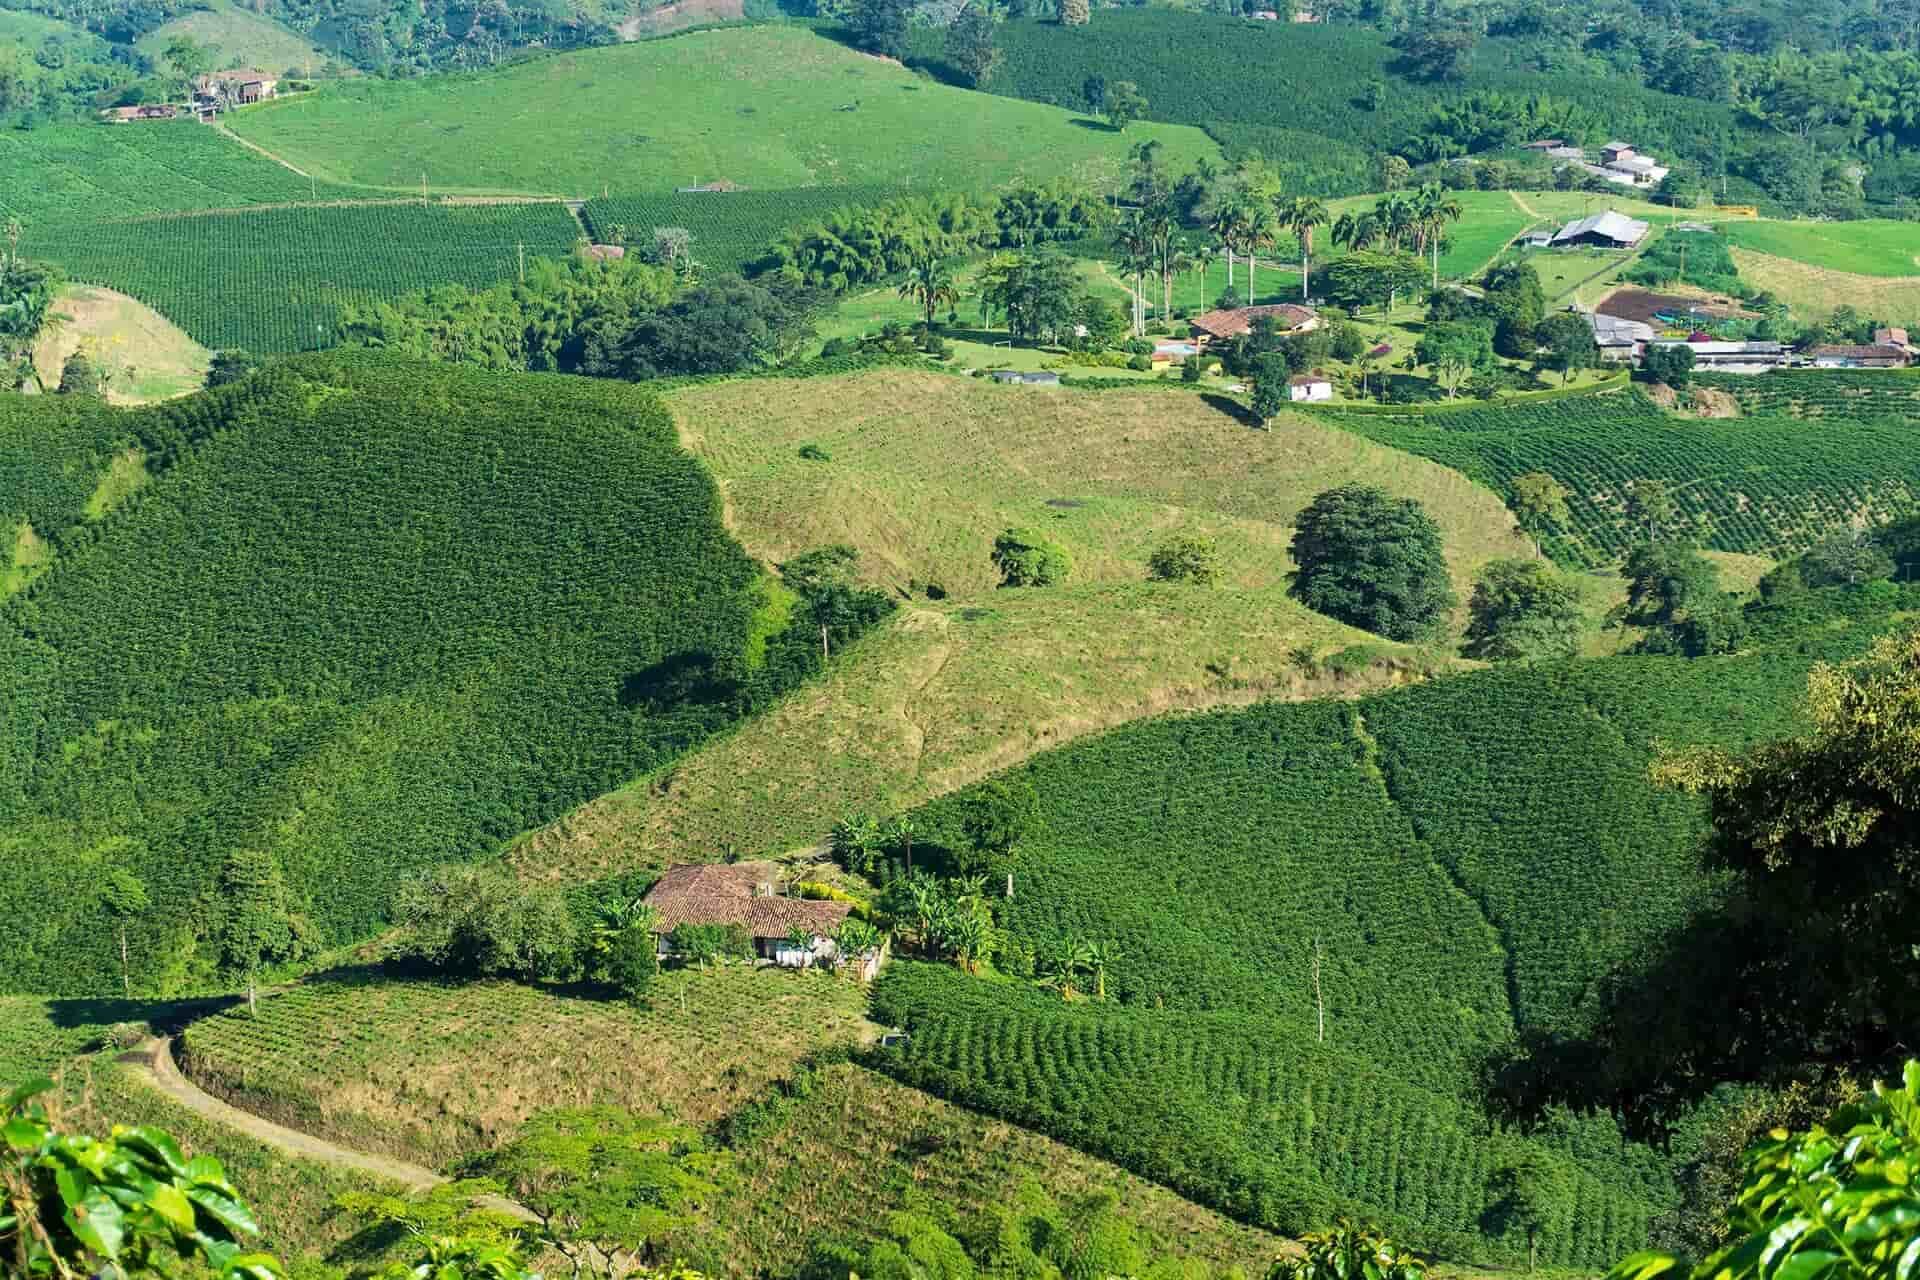 campos de cafe